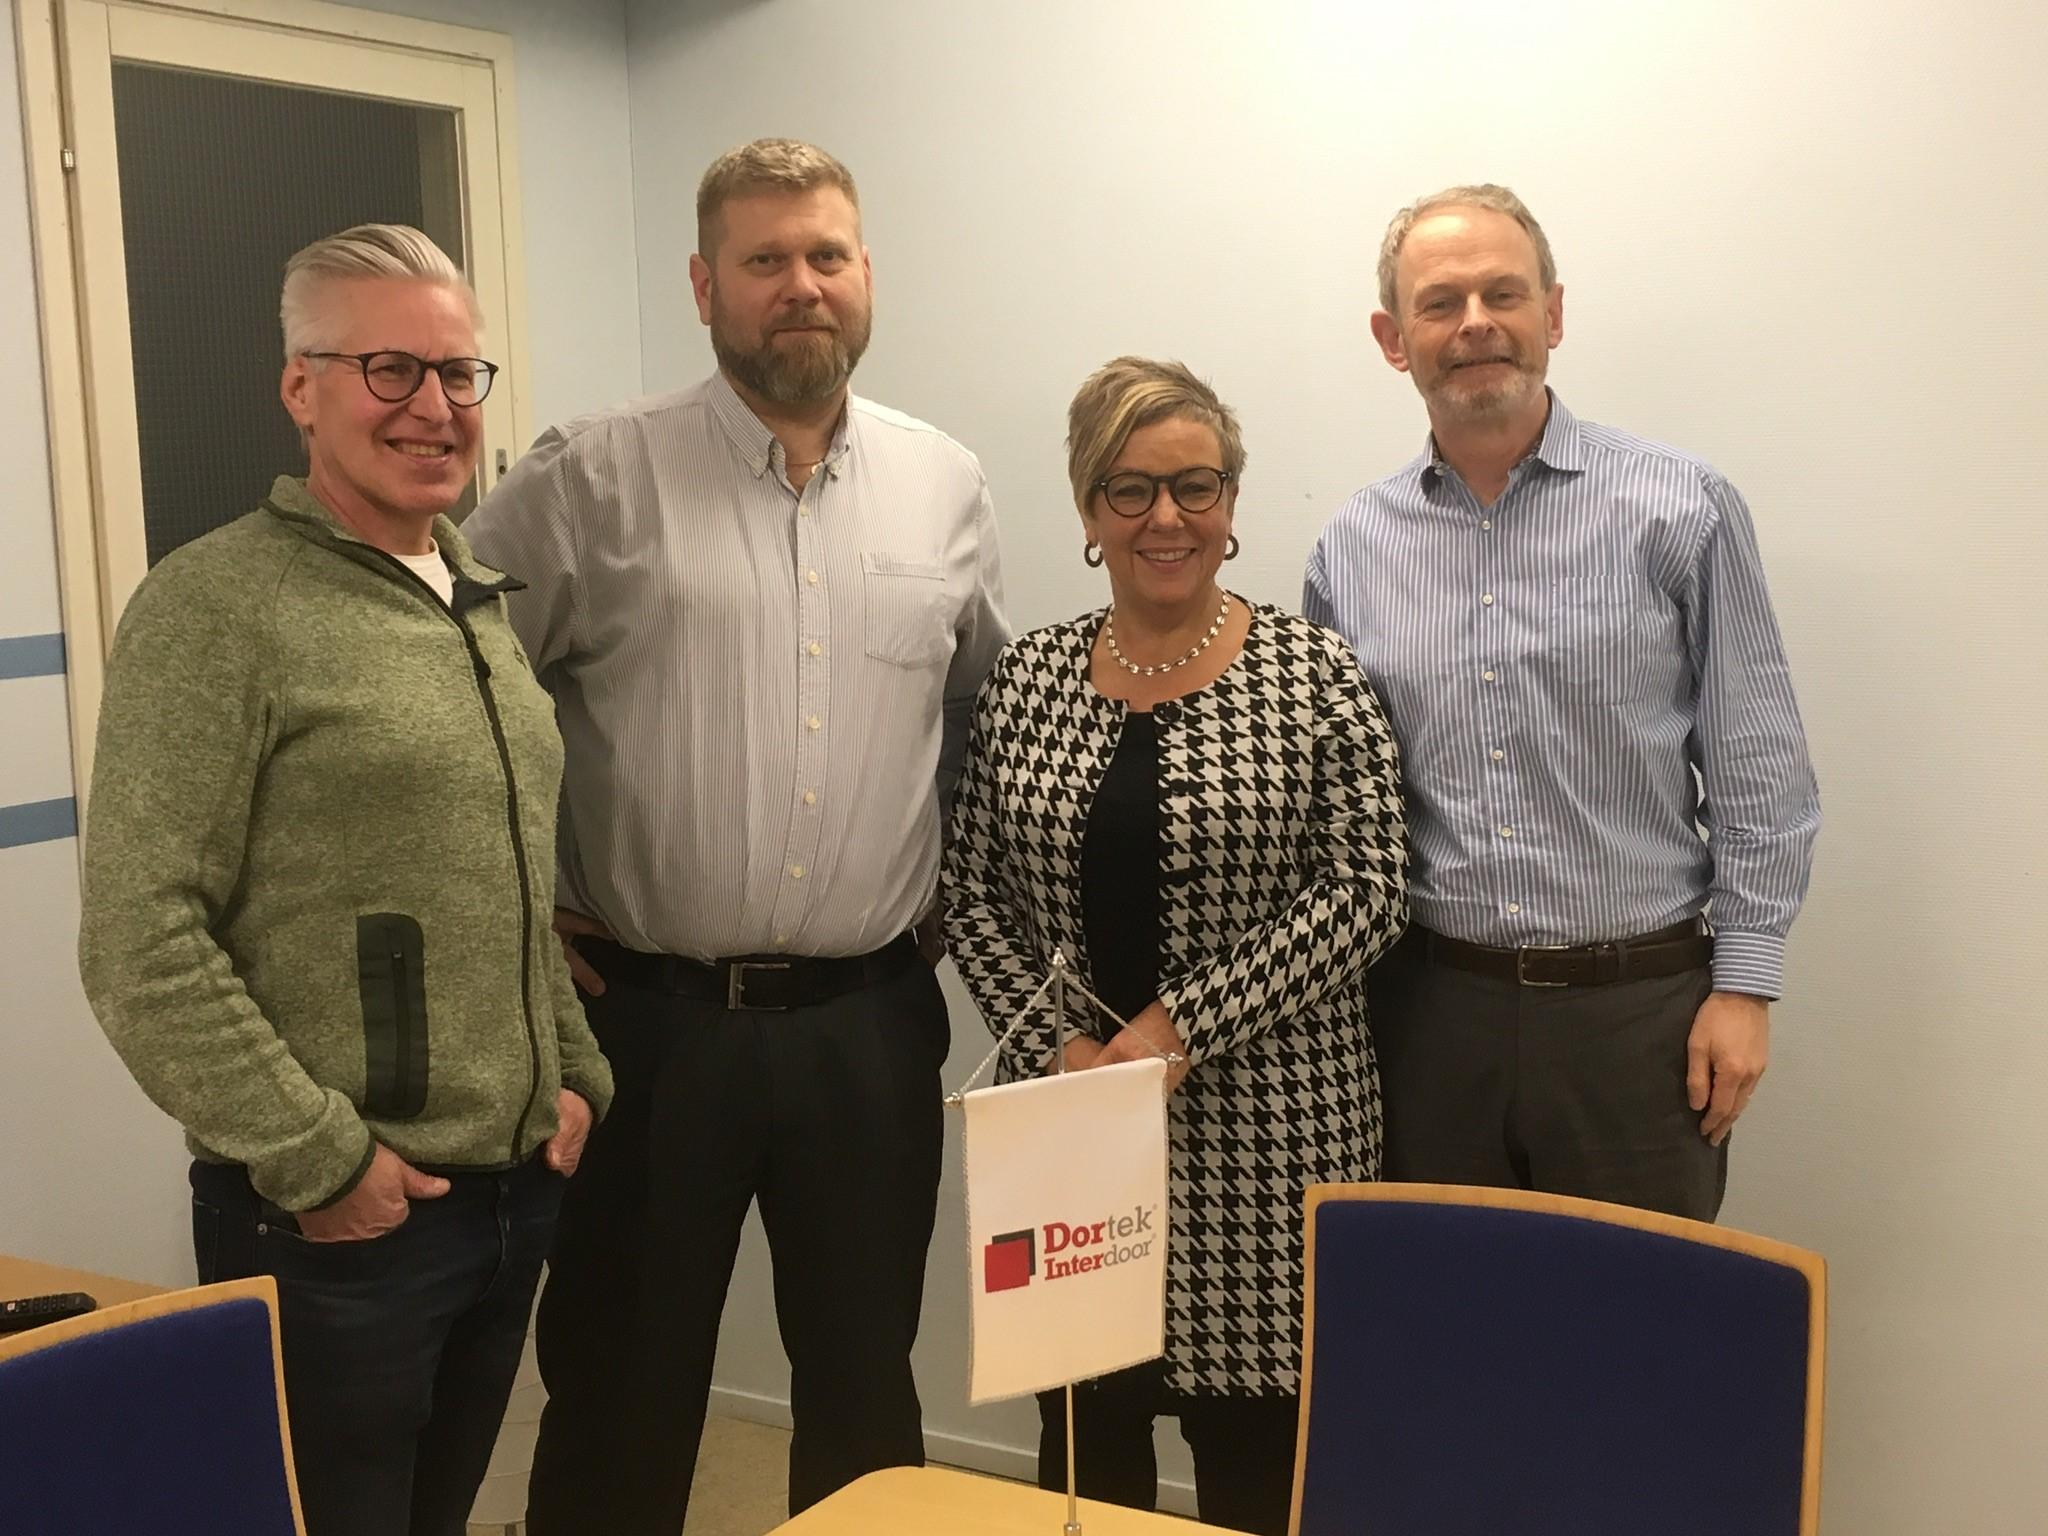 Swedish MP visits Dortek Sweden factory